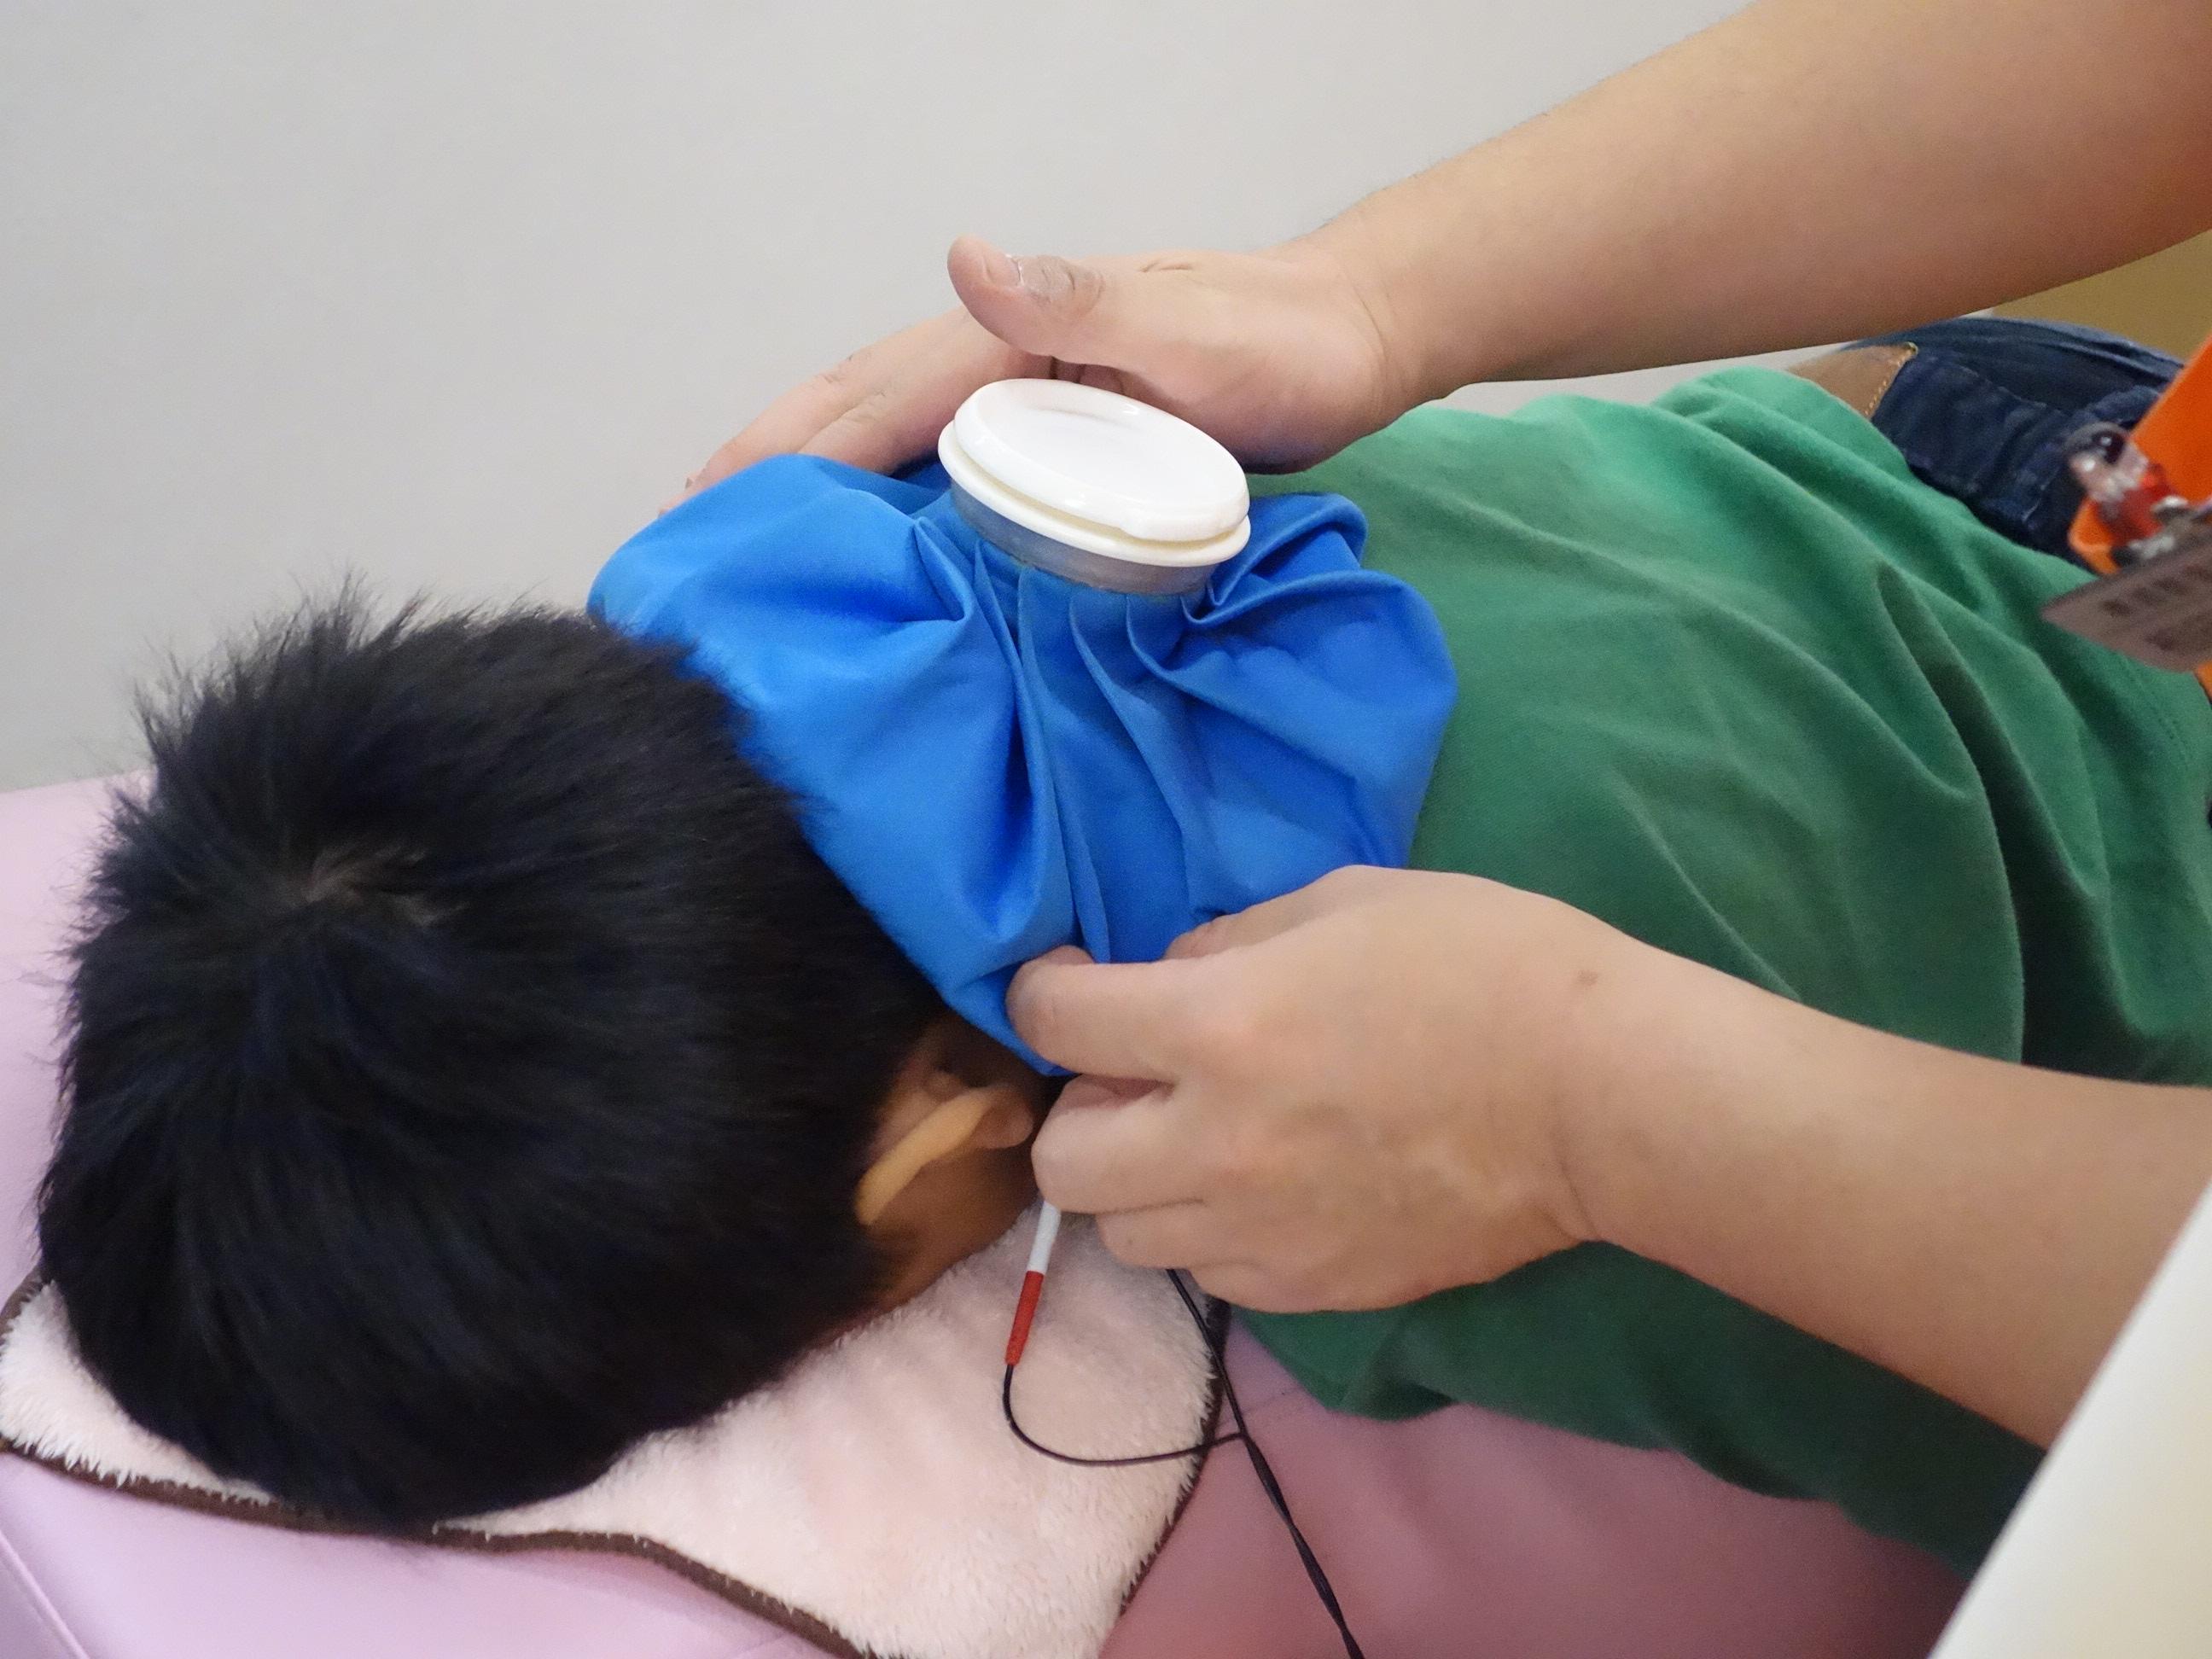 横浜の治療院で首が痛い人にアイシング治療をしている写真